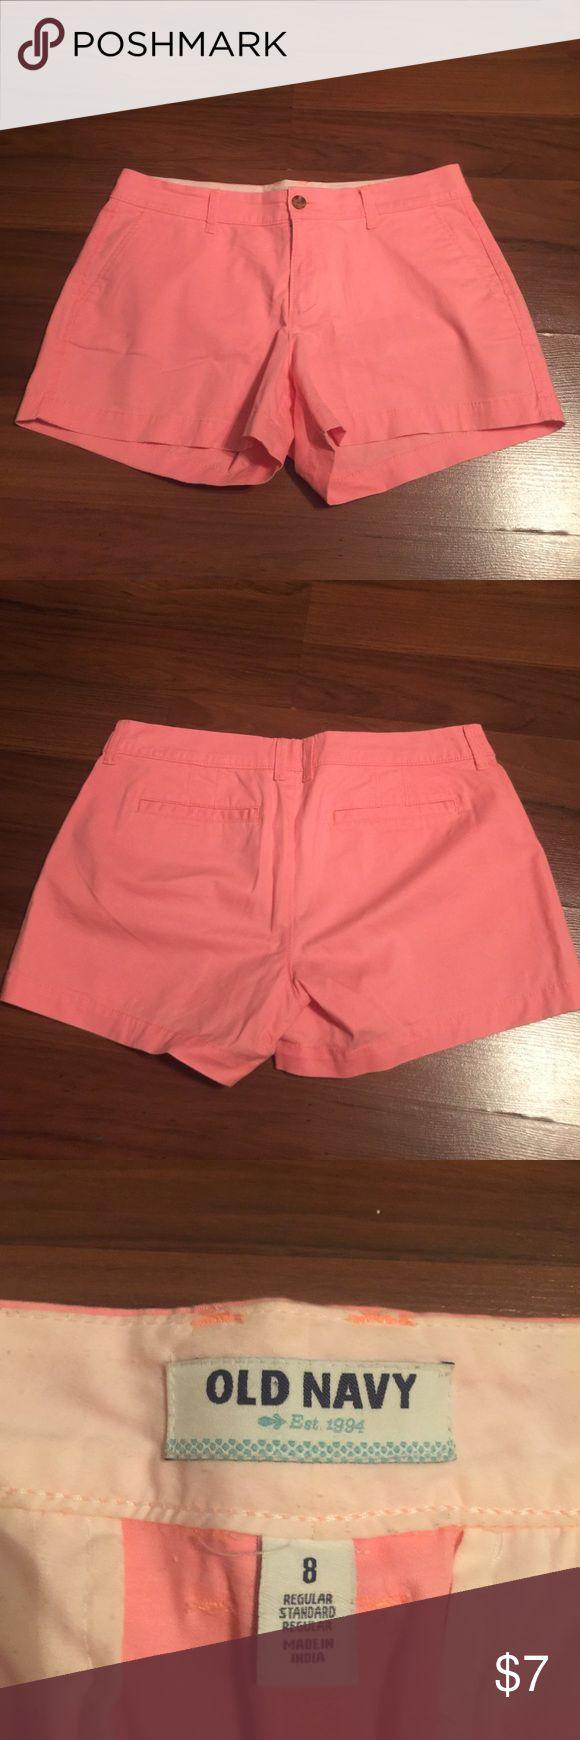 Coral shorts Size 8 coral shorts old navy Old Navy Shorts Jean Shorts